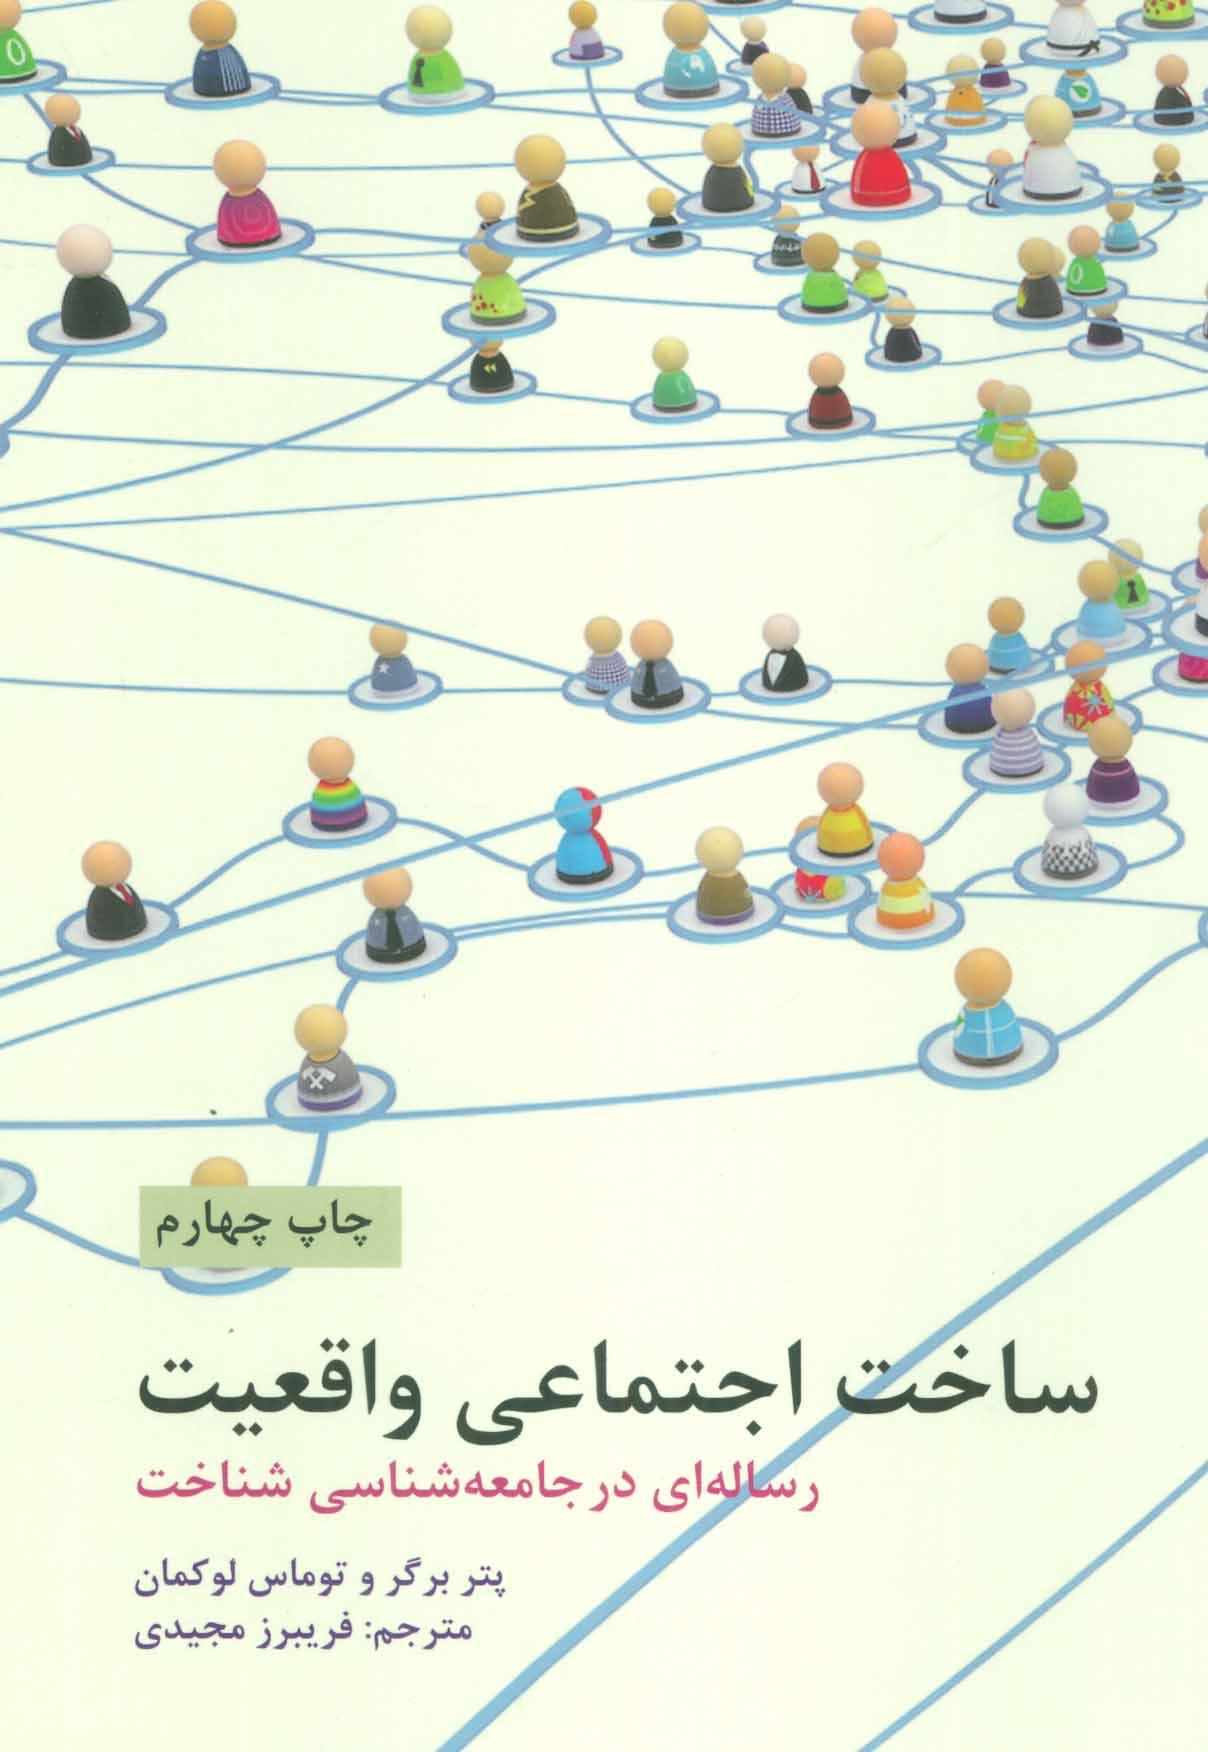 ساخت اجتماعی واقعیت (رساله ای در جامعه شناسی شناخت)